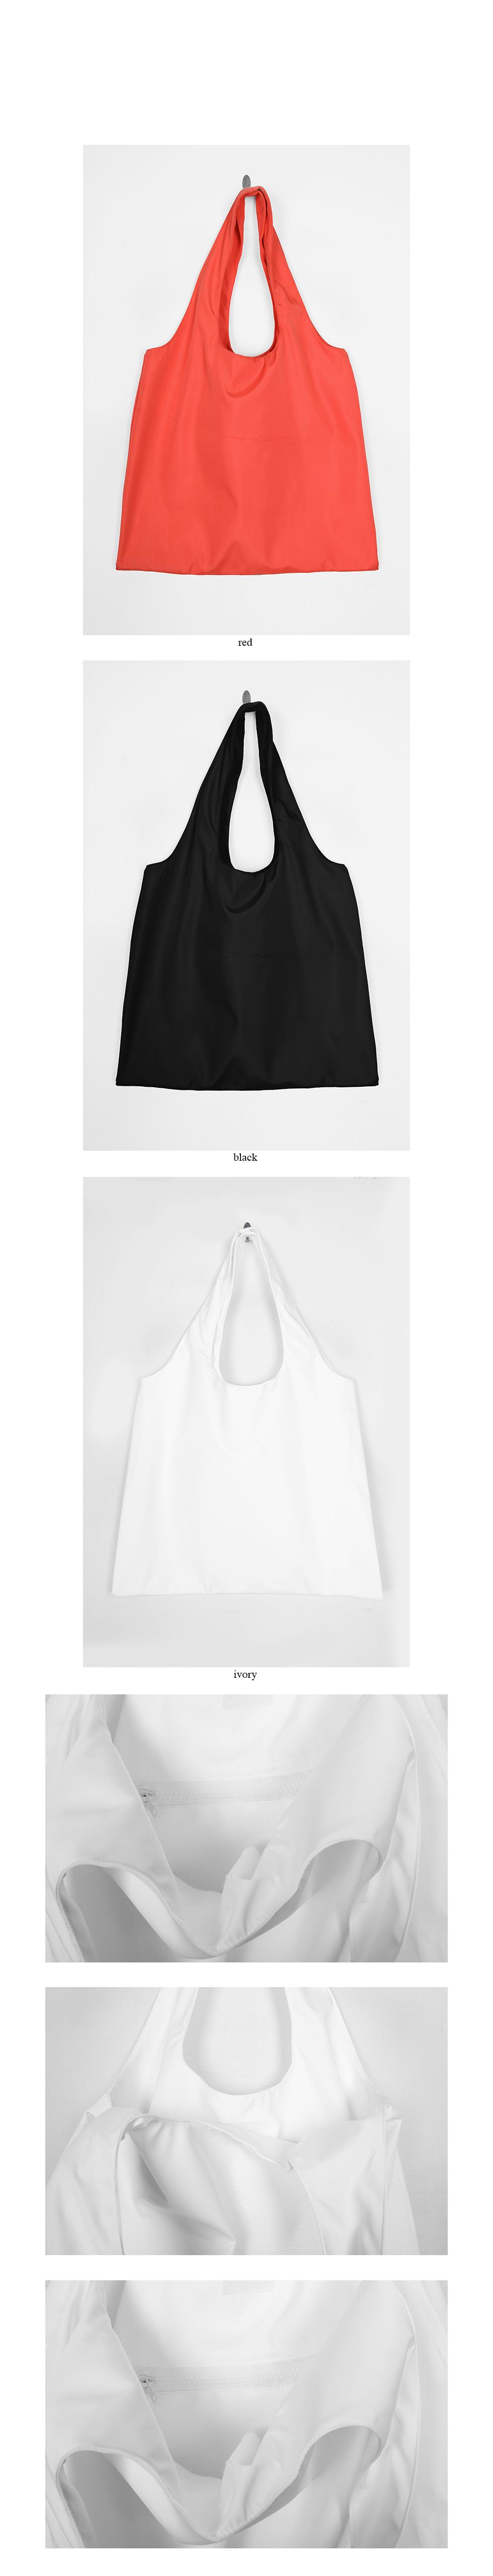 mild big tote bag